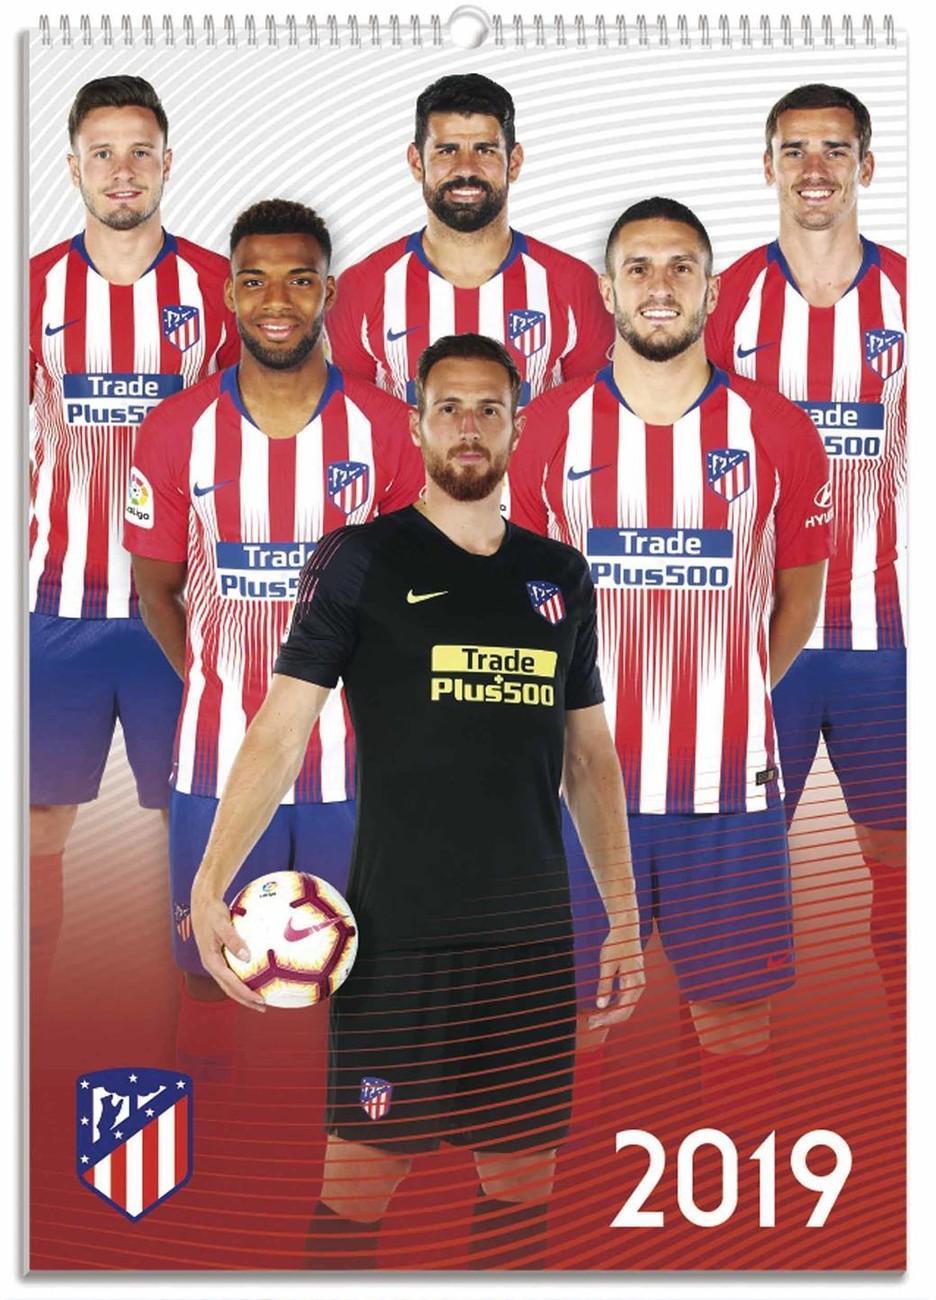 Calendario Atletico Madrid.Calendar 2020 Atletico Madrid